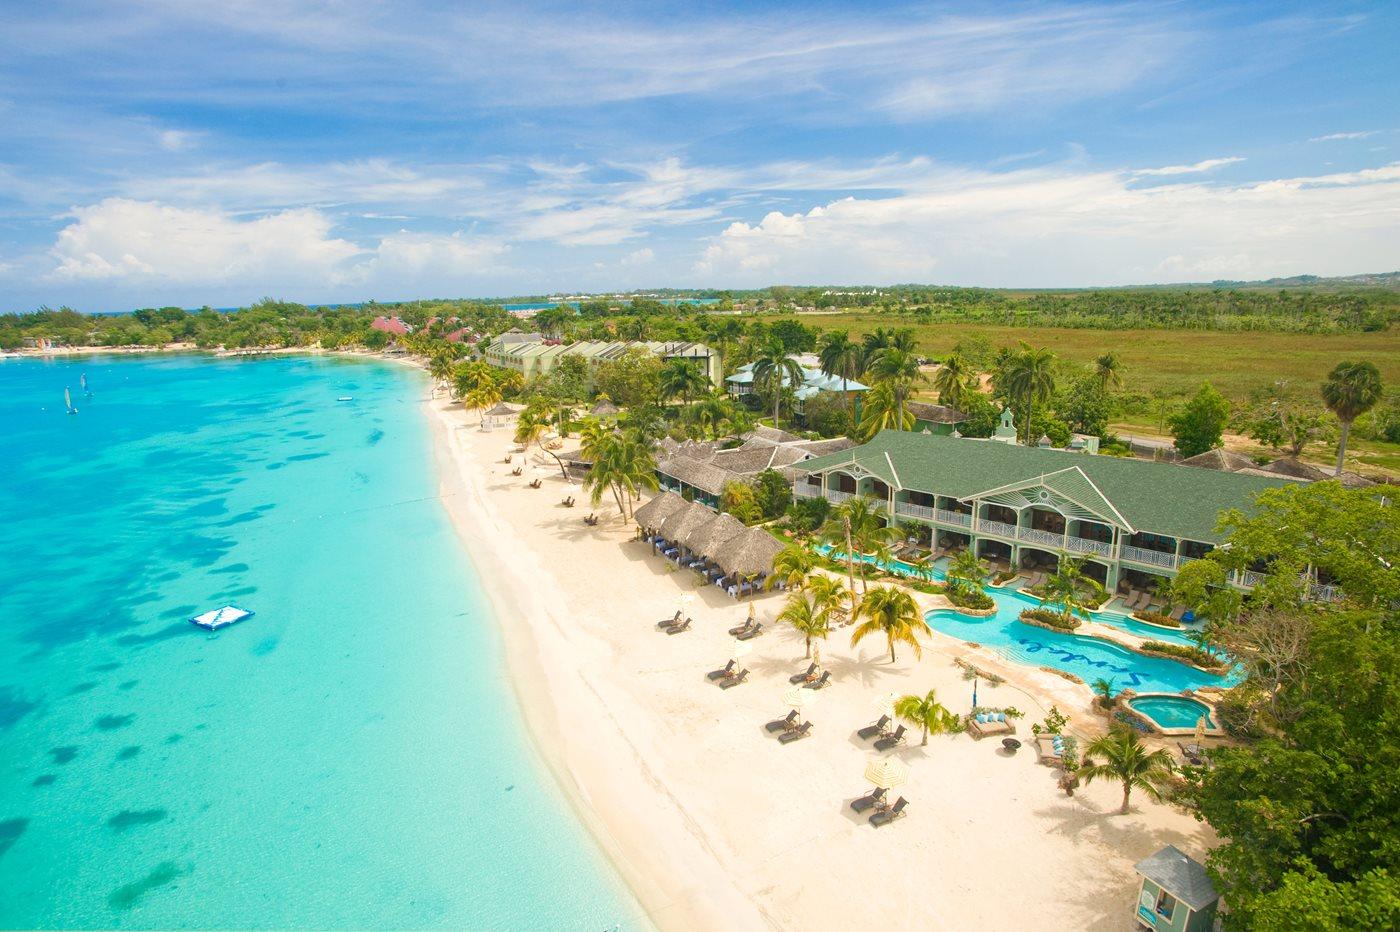 455eeeea9b2d9 Sandals Negril Beach Resort   Spa - Negril